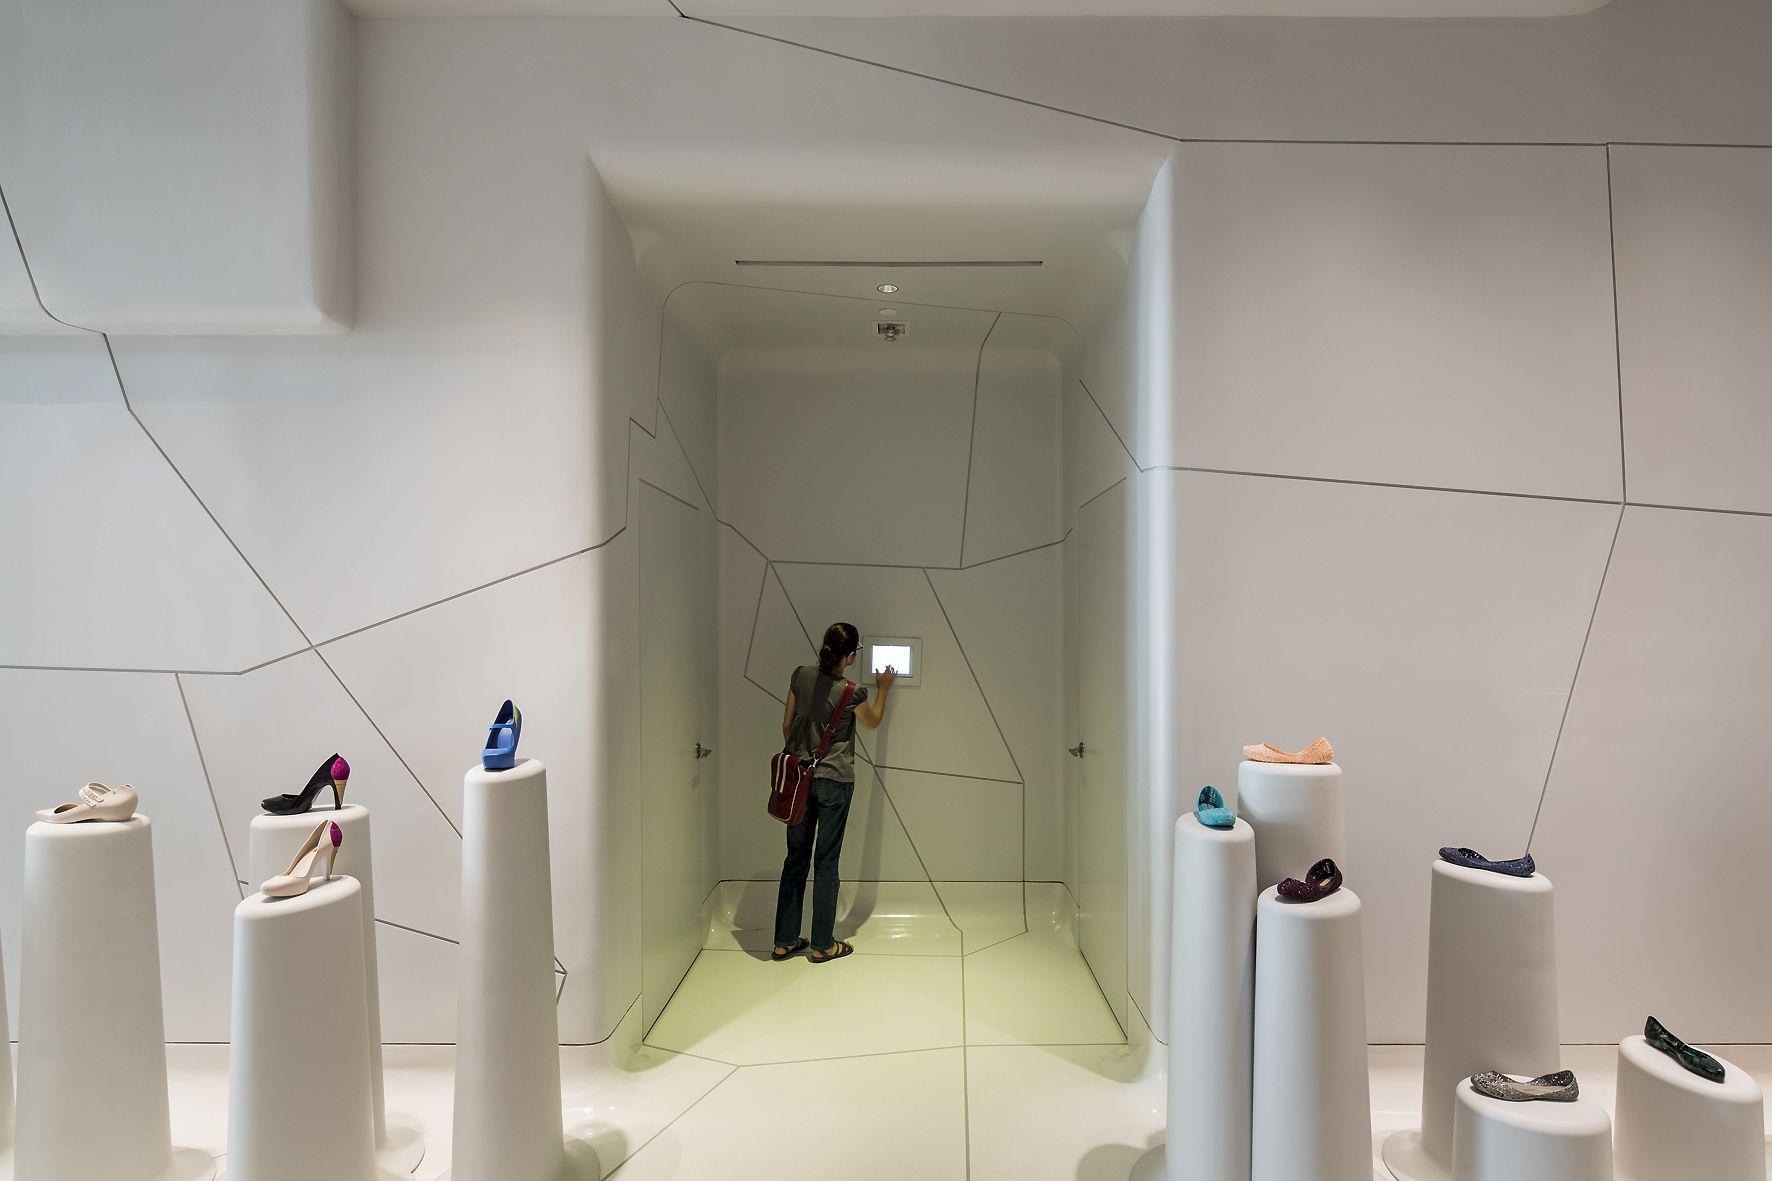 Galeria Melissa (NY, 2012) / Pascali Semerdjian Arquitetos e Edson Matsuo em parceria com MW Arquitetura @marquitetura e Eight Inc. @eightinc